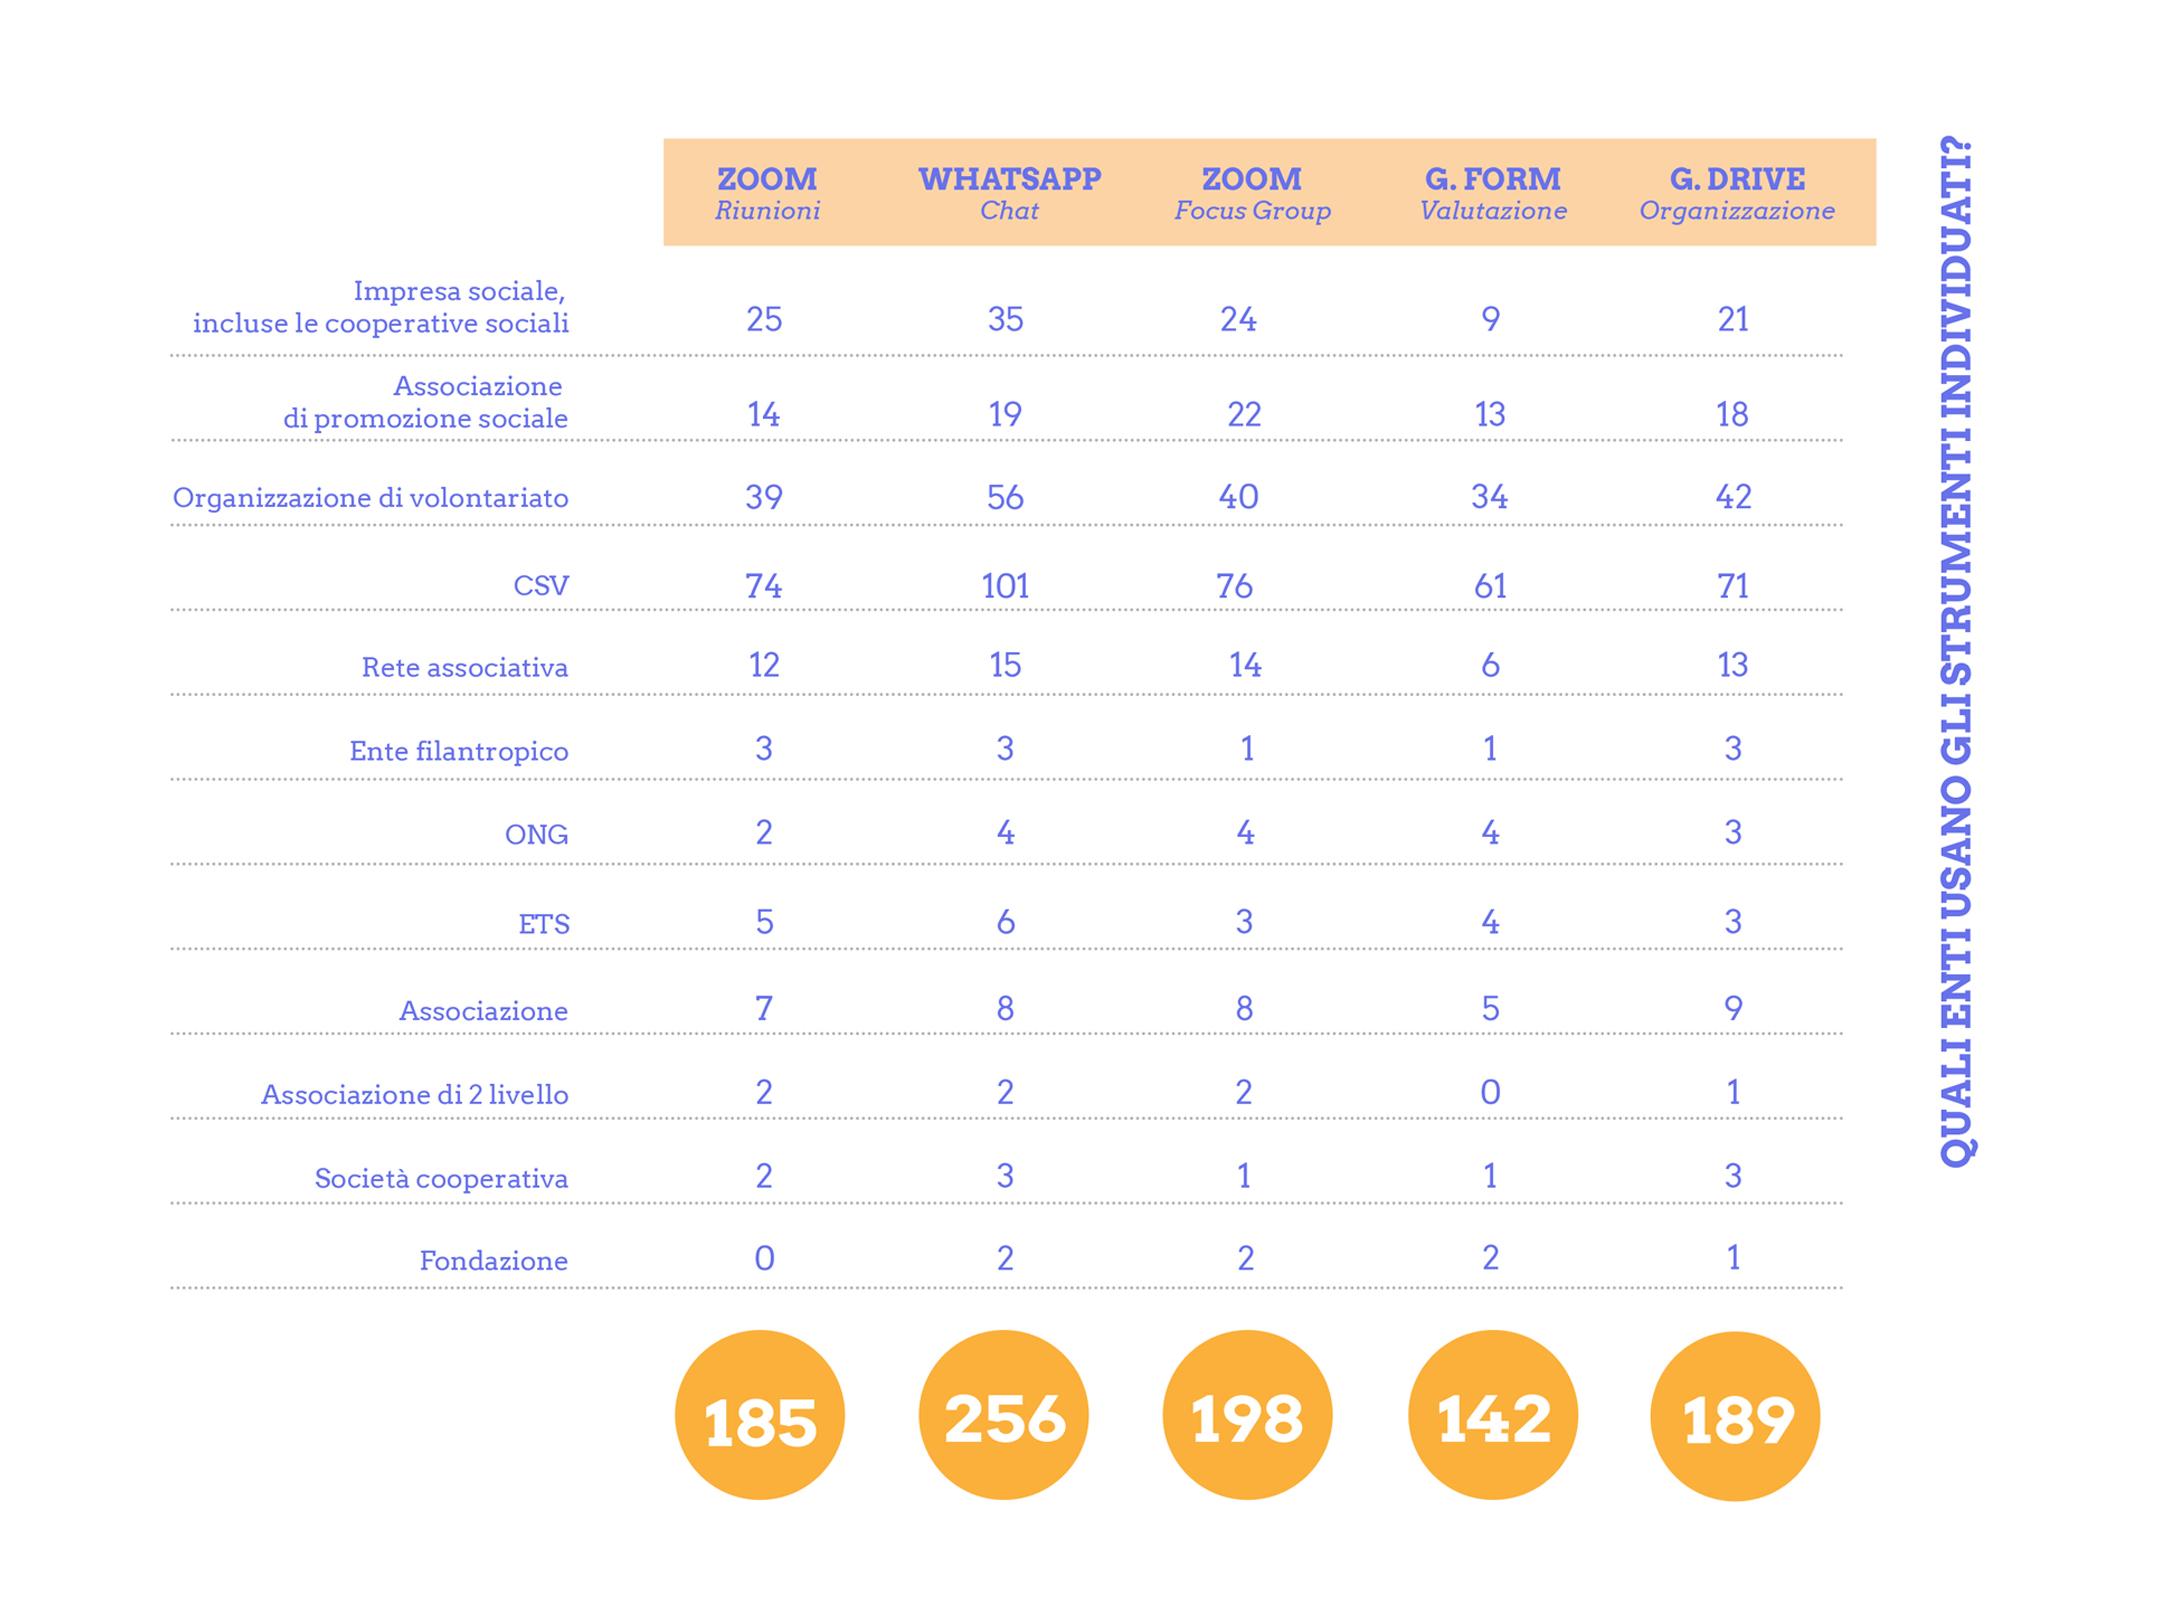 distribuzione di frequenza strumenti maggiormente usati lavoro a distana da remoto SEVERE terzo settore questionario raccolta dati nazionale